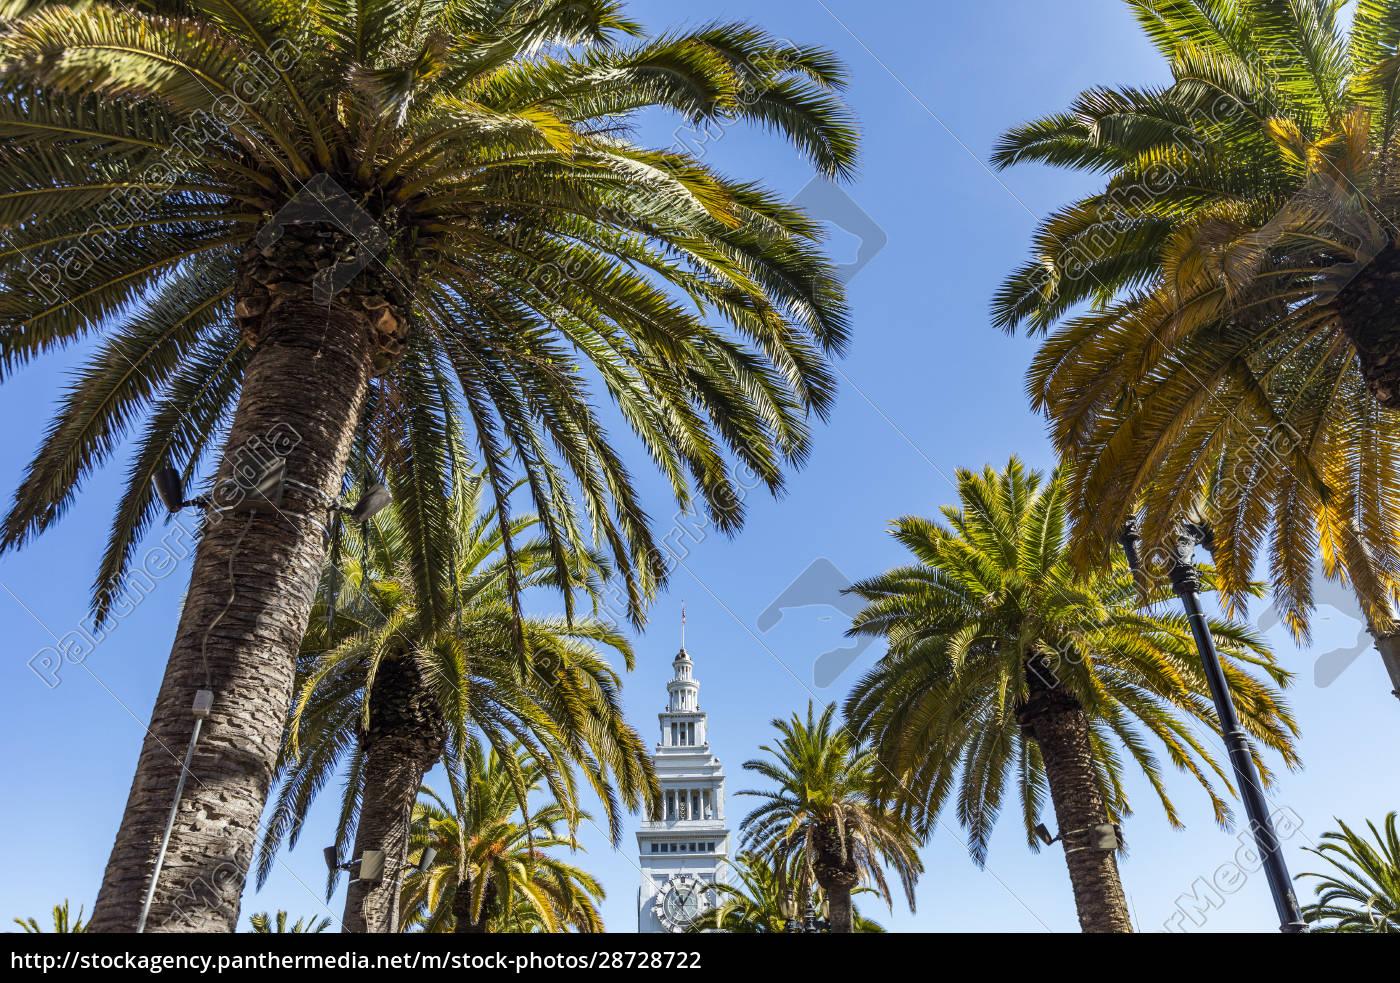 eua, califórnia, são, francisco, palmeiras, e, topo, da, torre - 28728722